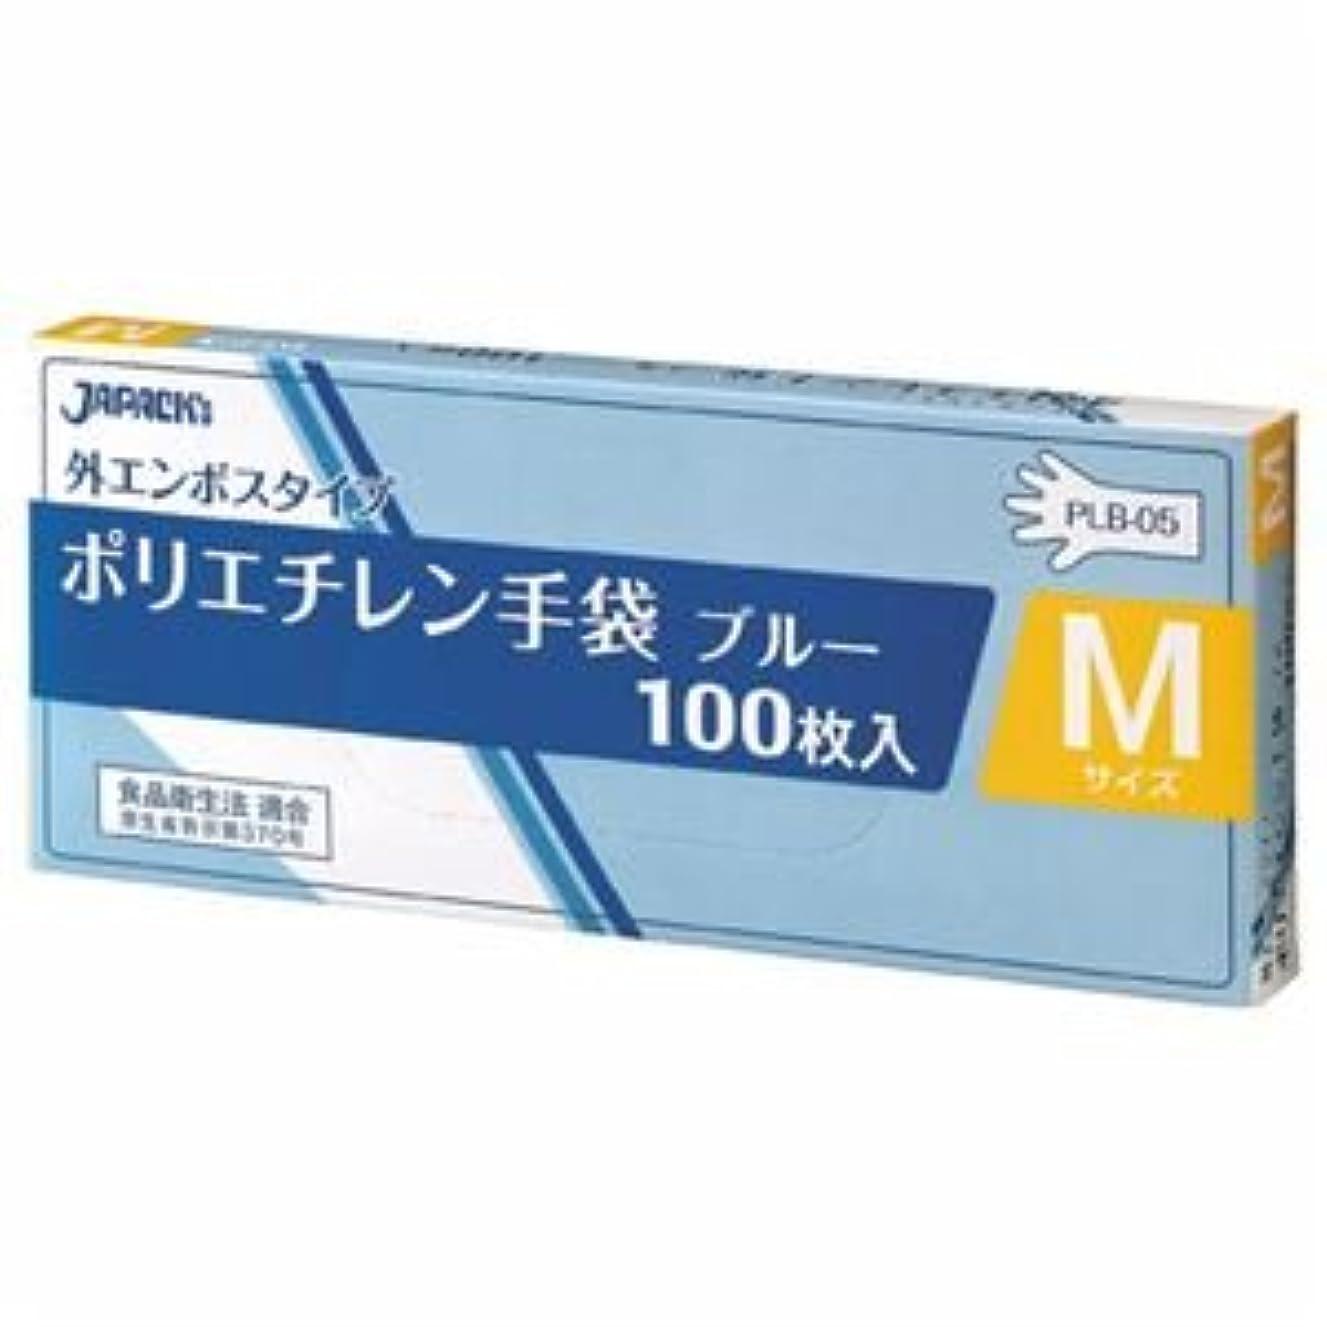 餌学部長ほのか(まとめ) ジャパックス 外エンボスLDポリ手袋BOX M 青 PLB05 1パック(100枚) 【×20セット】